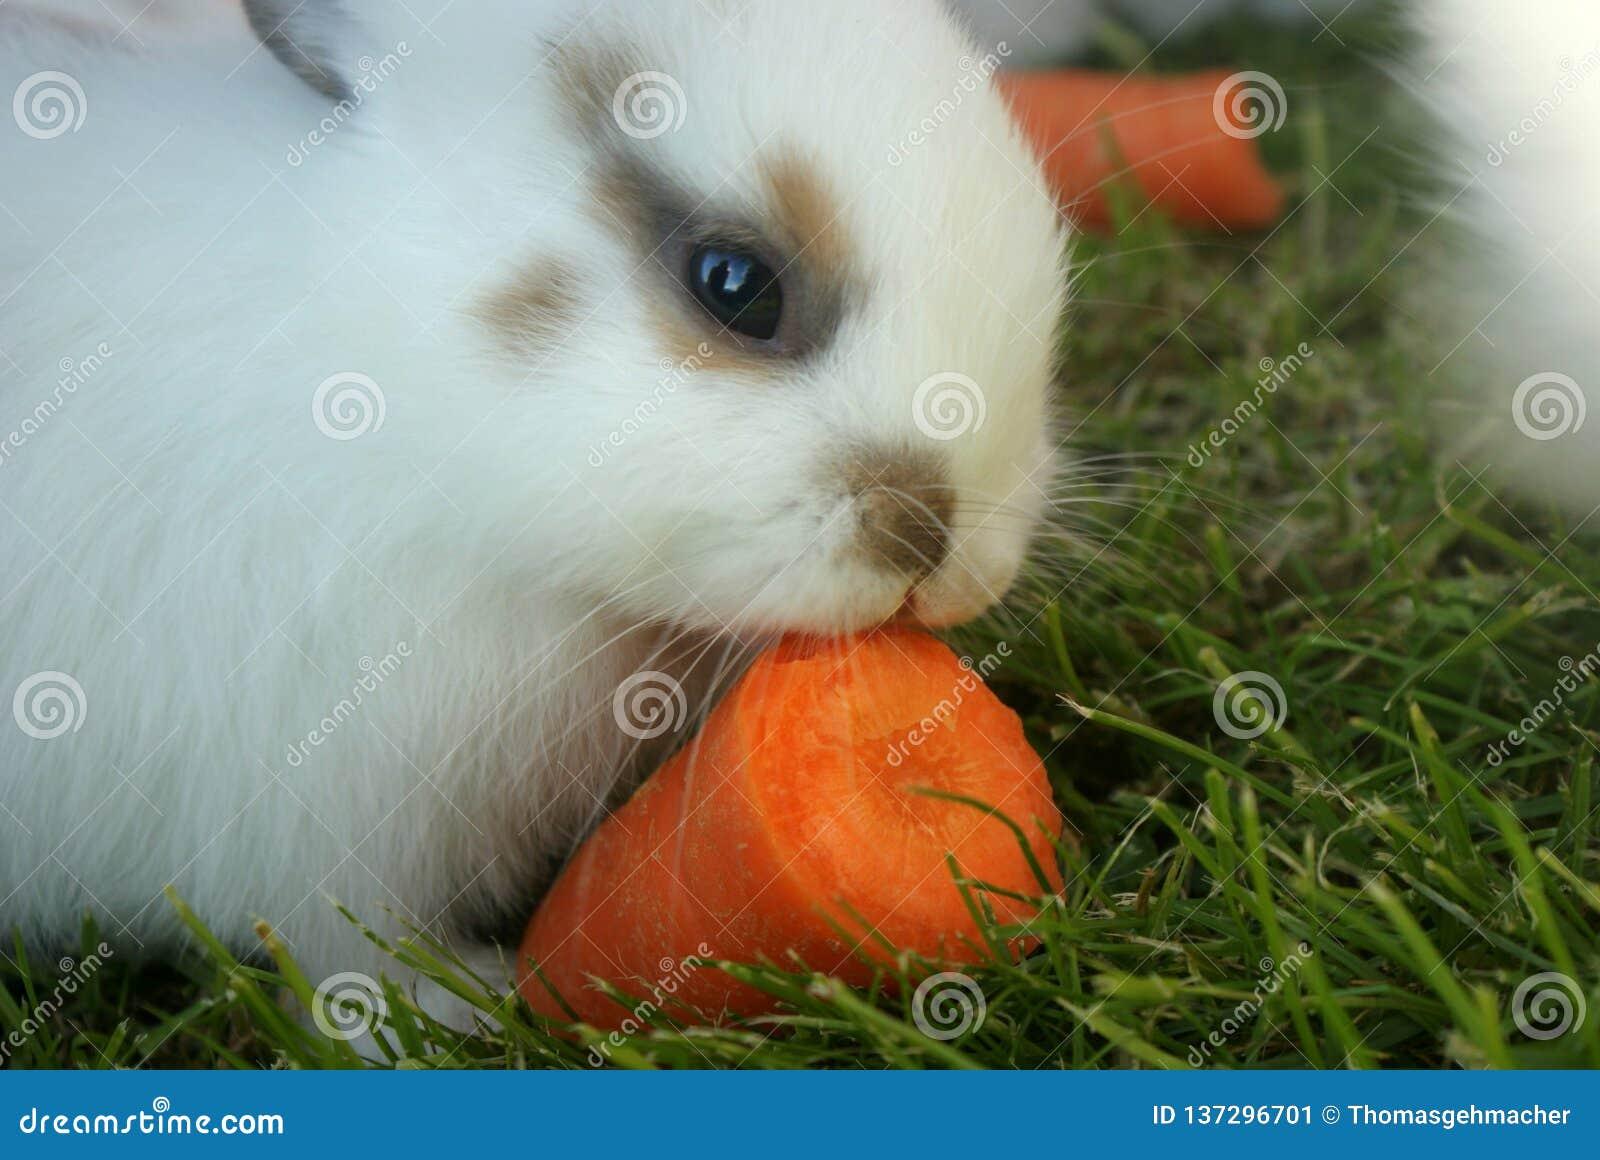 Sluit omhoog van het leuke witte konijntje knagen aan bij een stuk van wortel